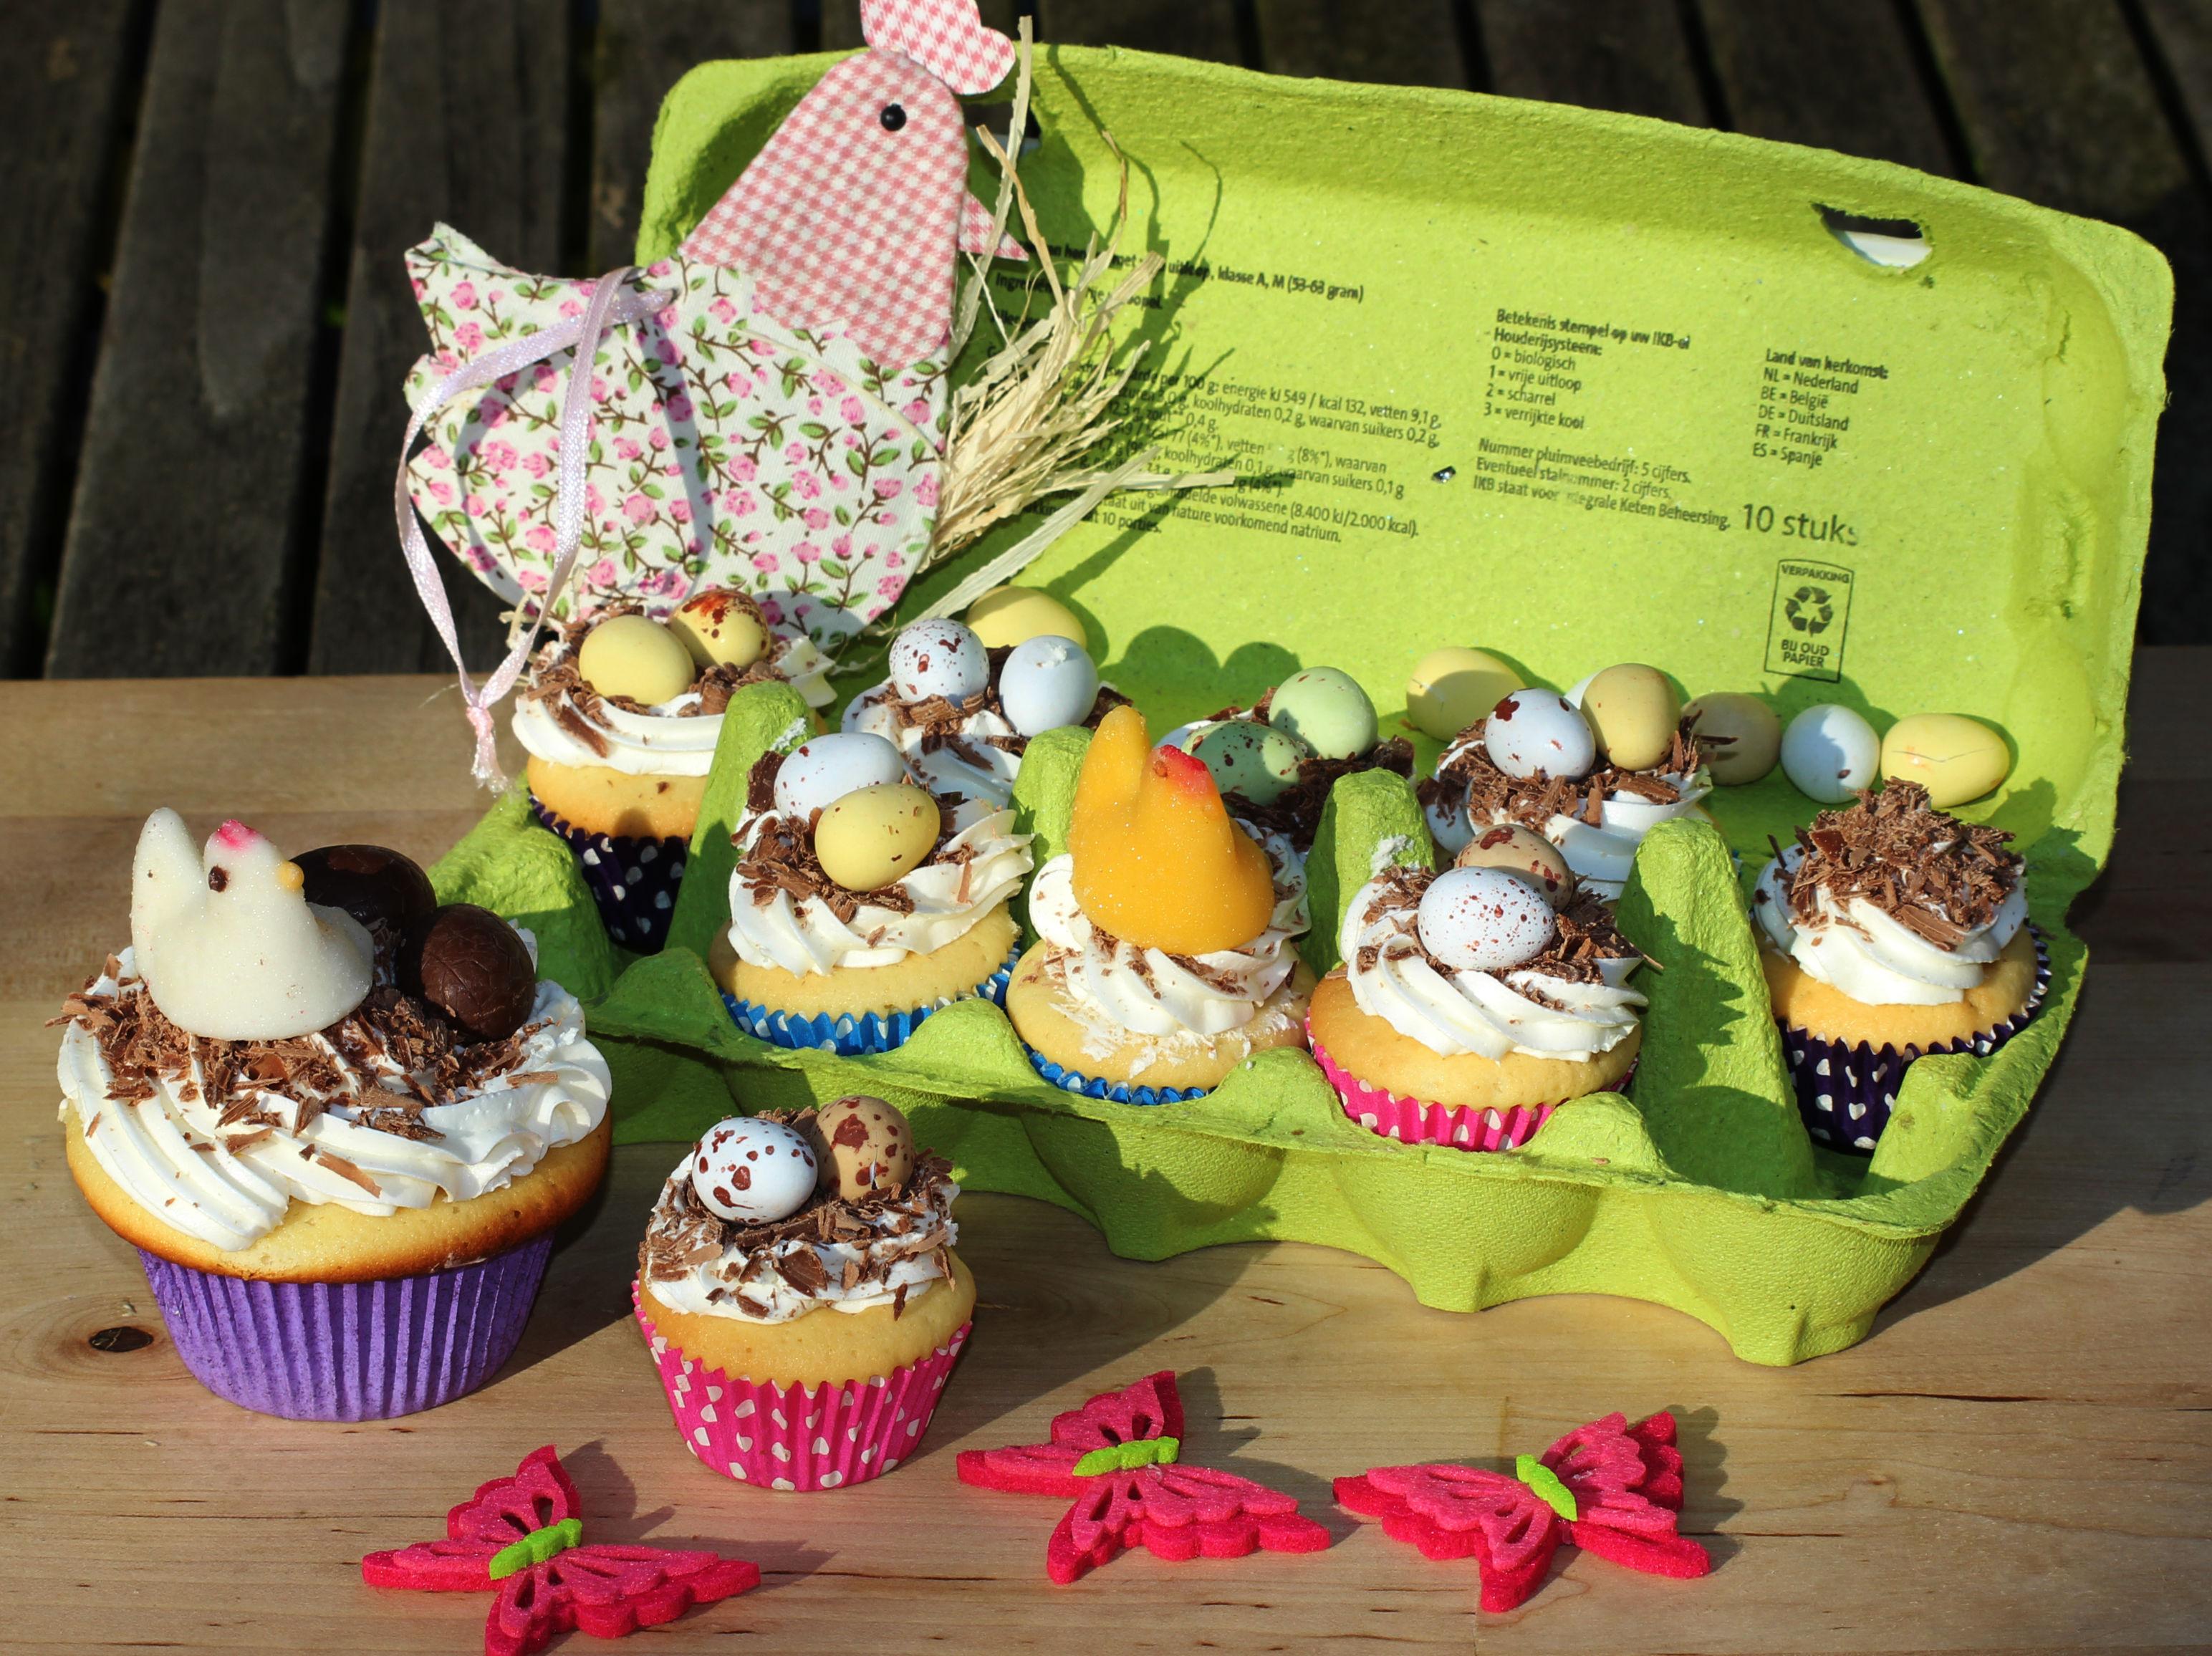 Genoeg Paastraktatie: vogelnestje mini cupcakes | Traktatieinspiratie.nl @YJ73